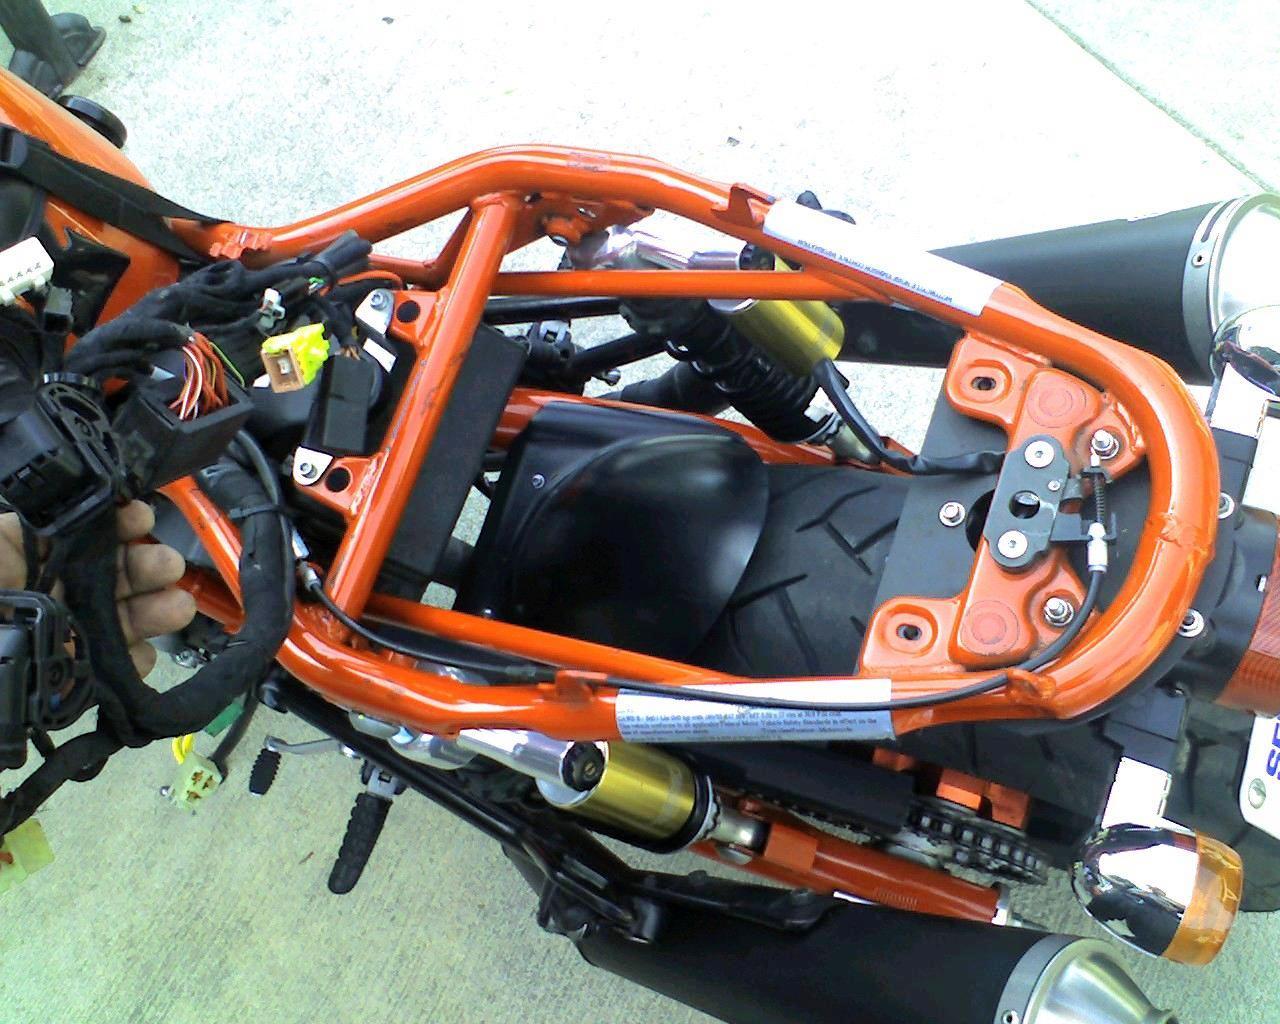 Voltage Rectifier Regulator - Ducati ms - The Ultimate Ducati Forum